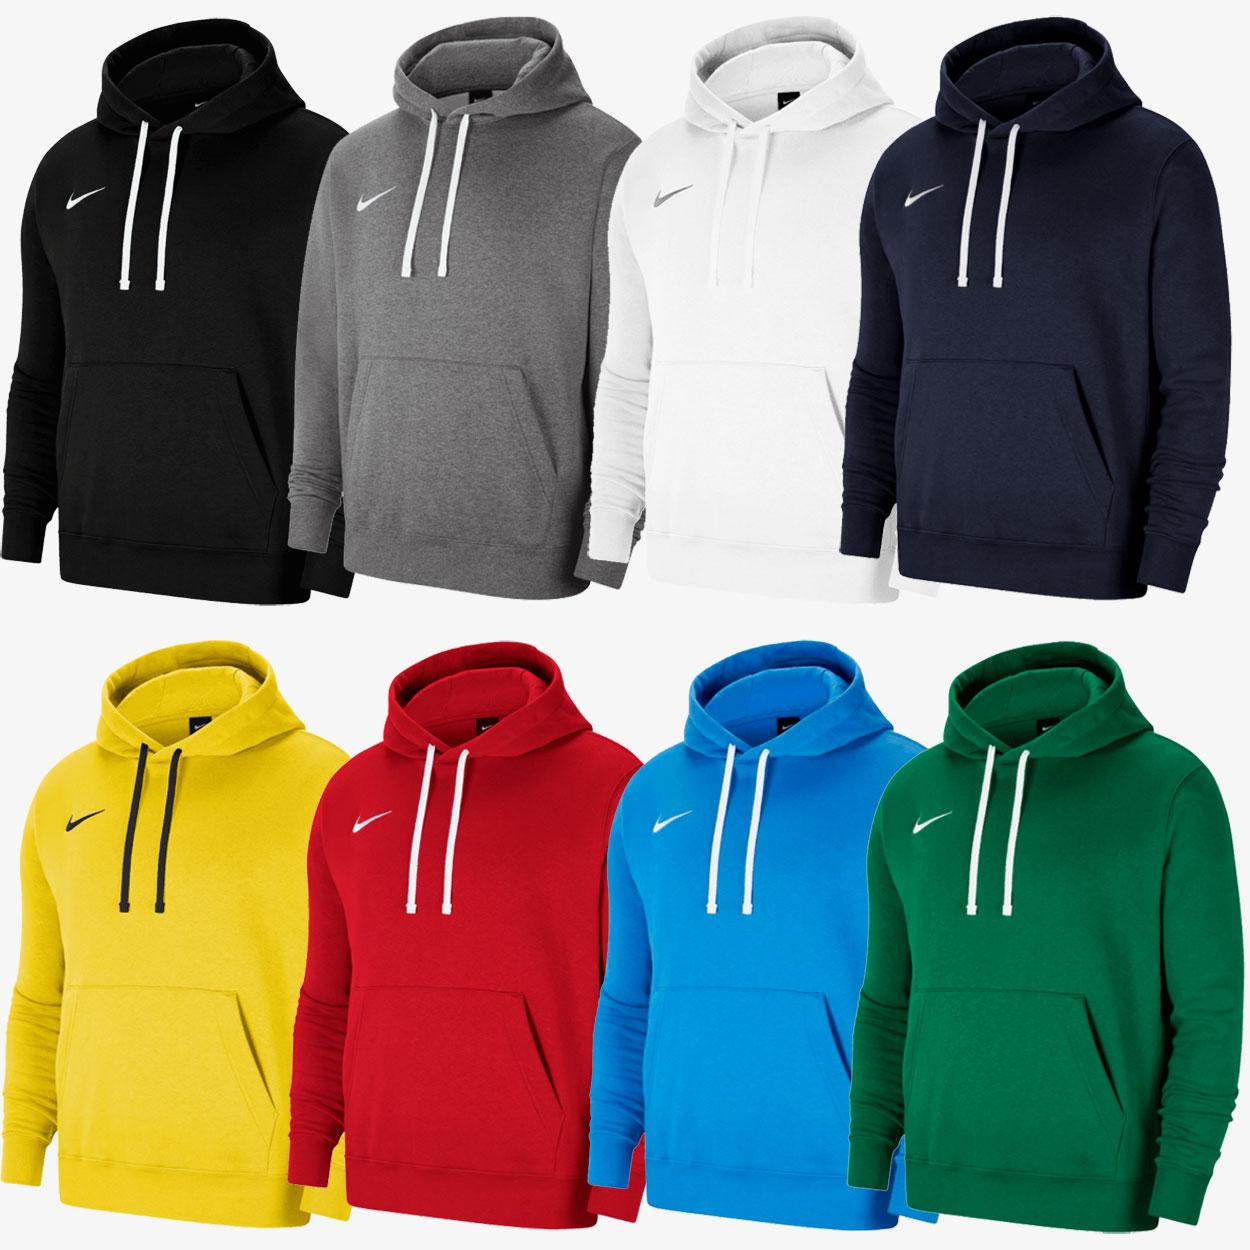 Nike hoodie + gratis verzending t.w.v. €5,95